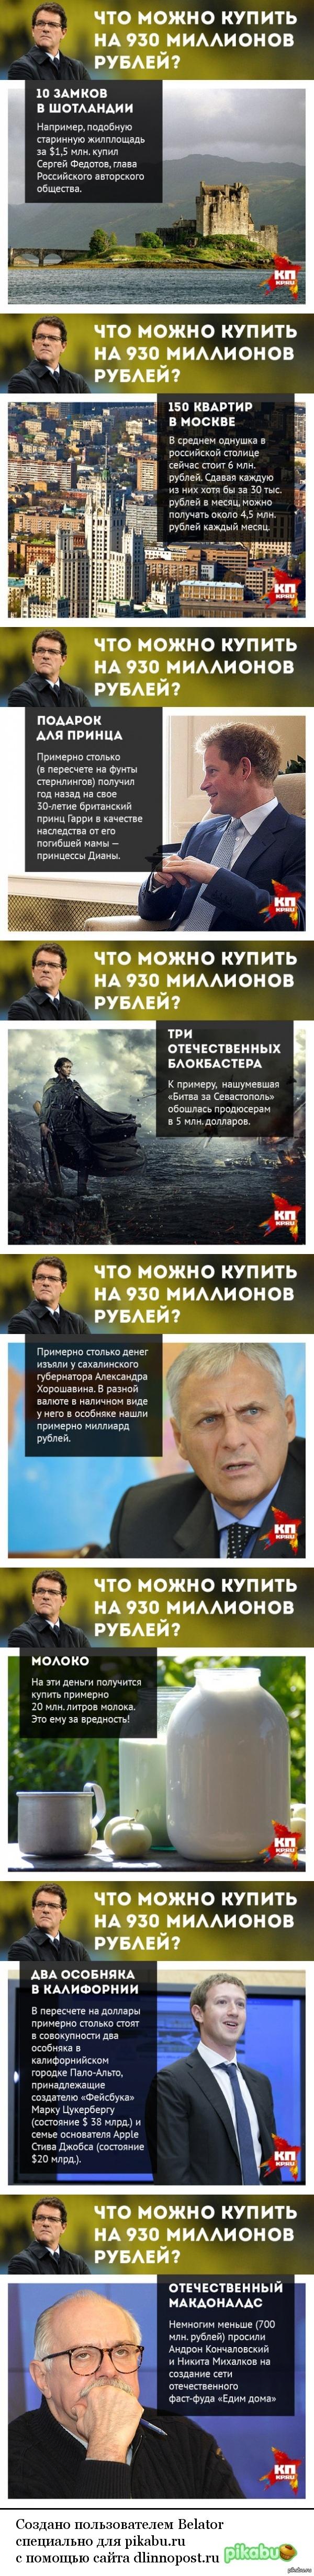 На что можно потратить 930 миллионов рублей, выплаченных в компенсацию Капелло.